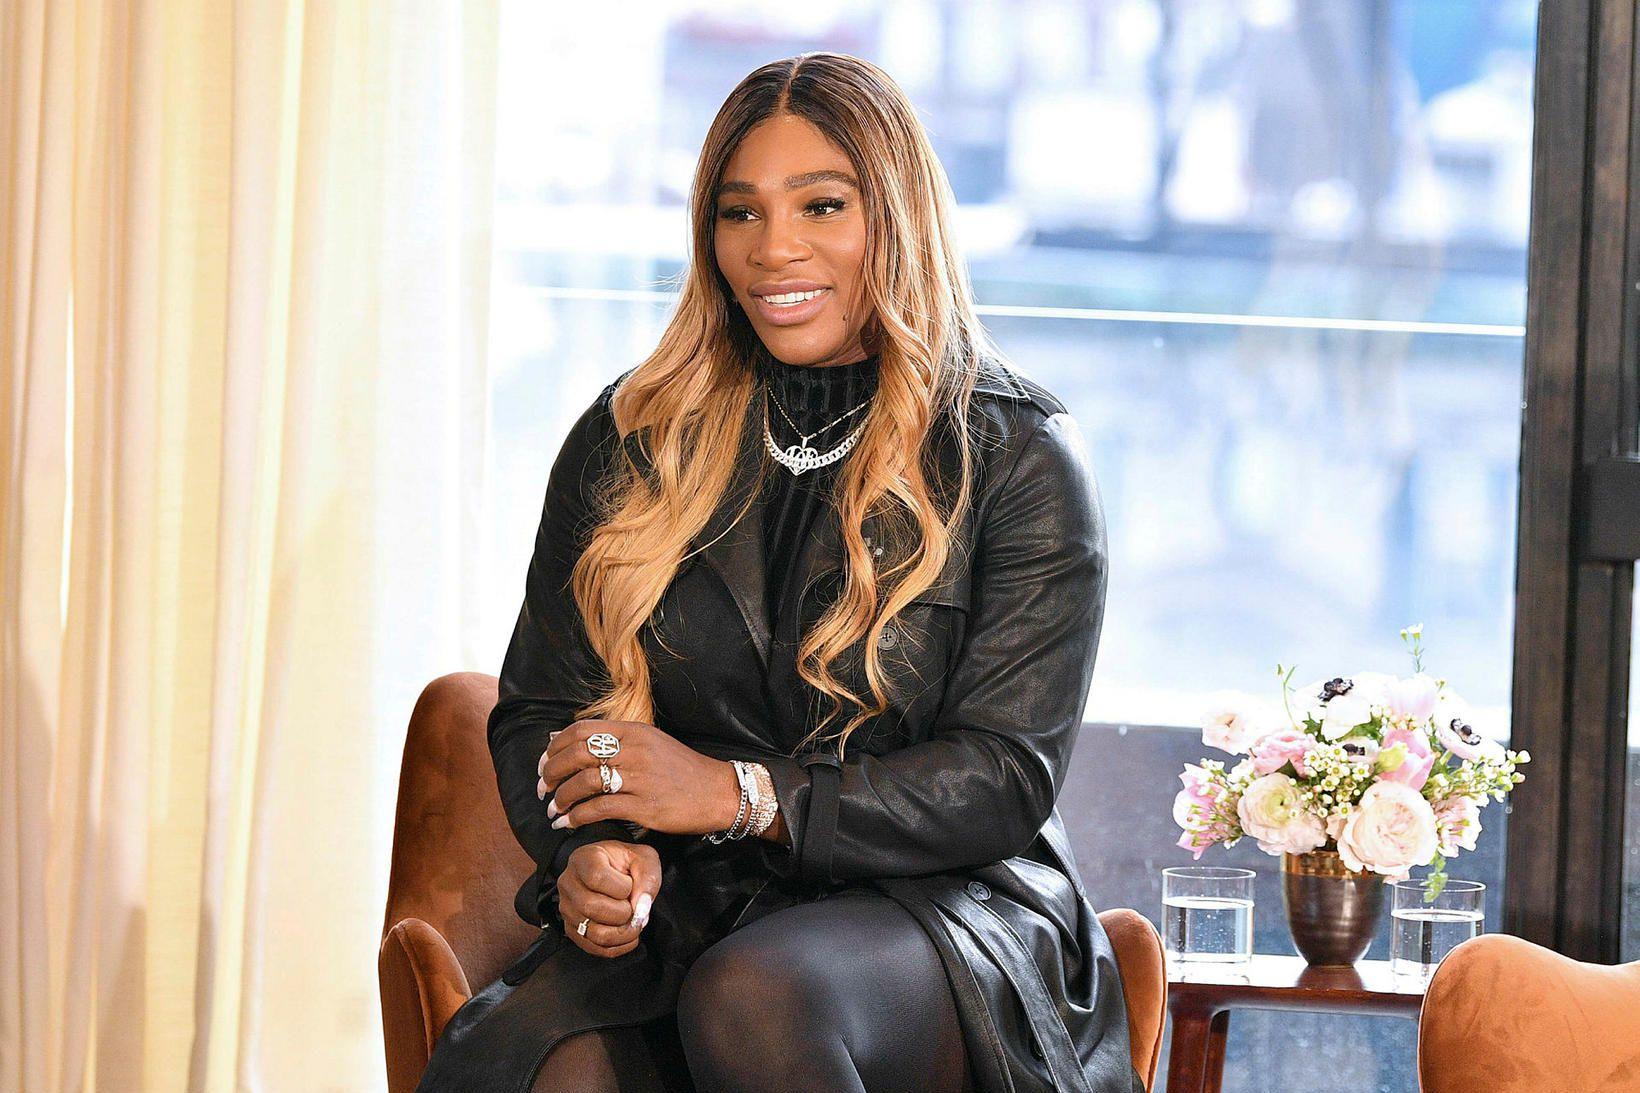 Serena Williams leggur áherslu á listina í betri stofunni sinni.